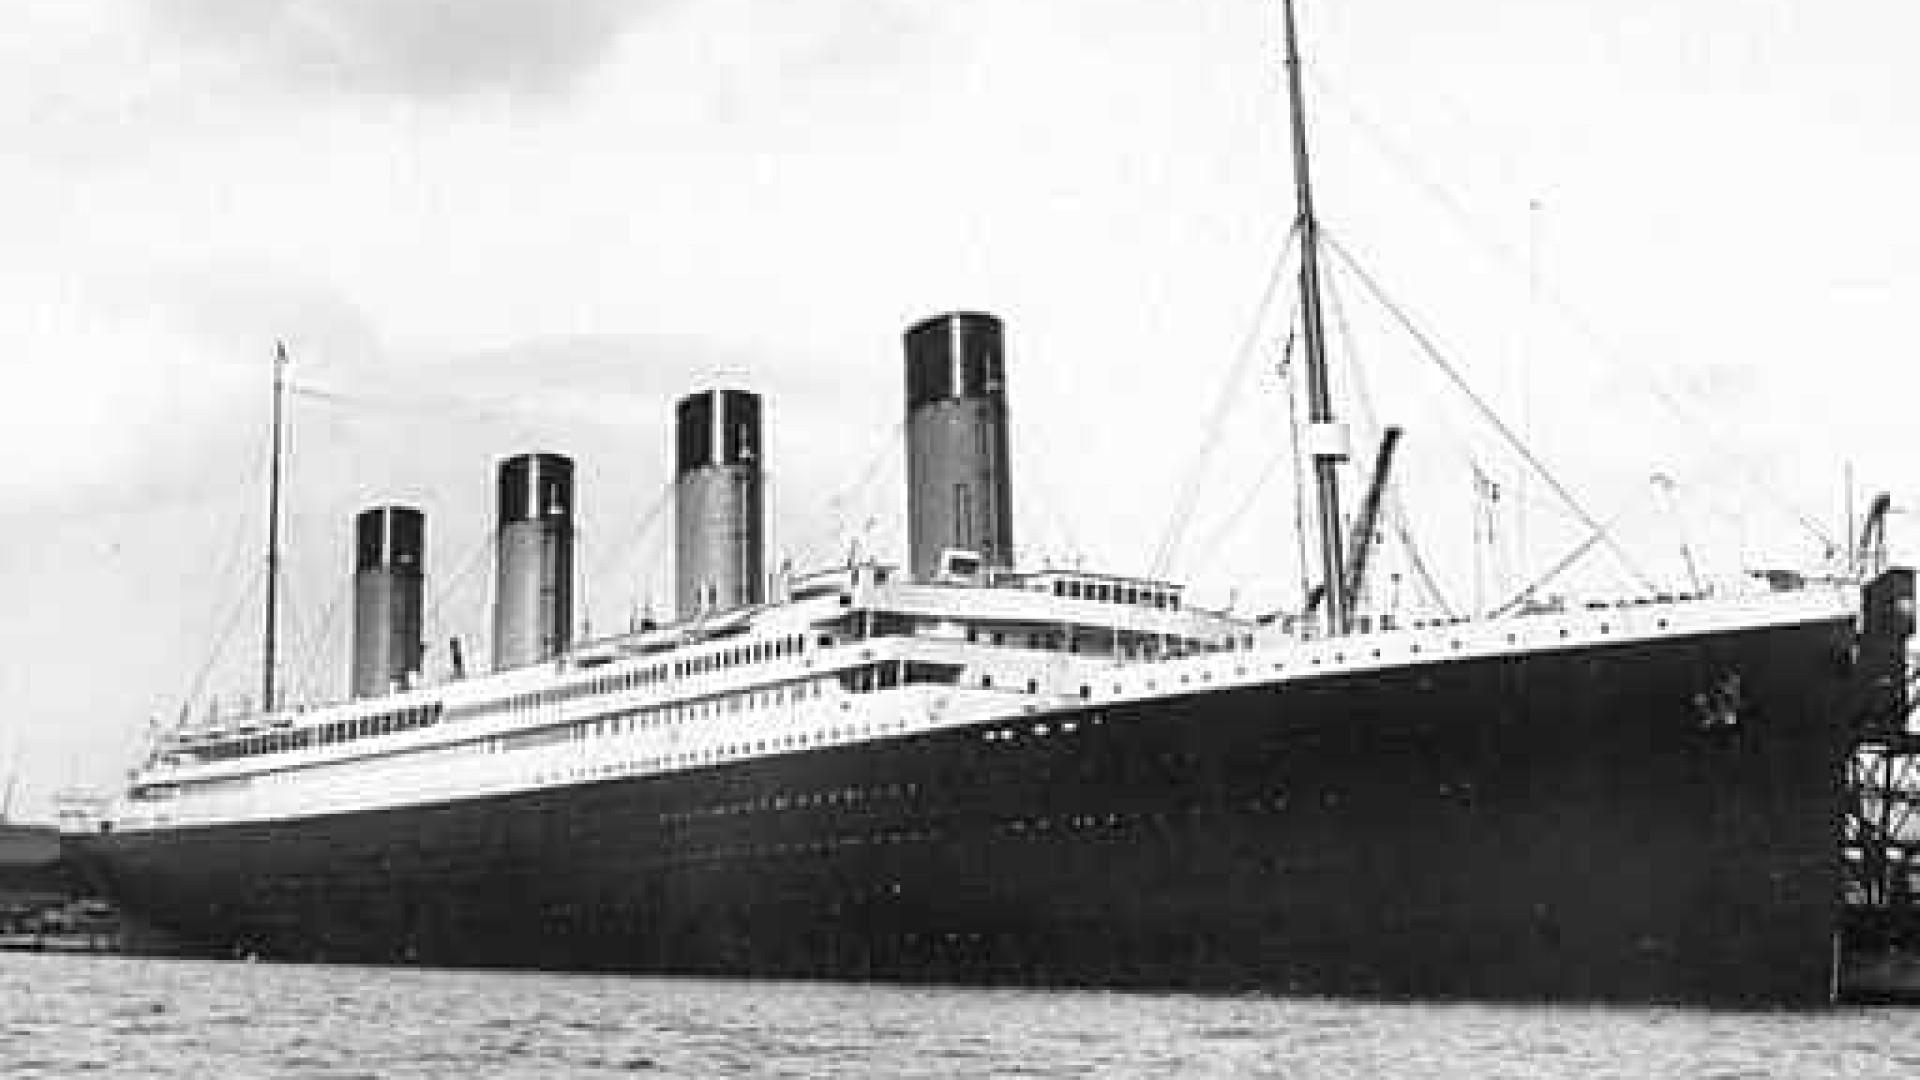 Sempre sonhou visitar o Titanic? Em 2018 vai poder